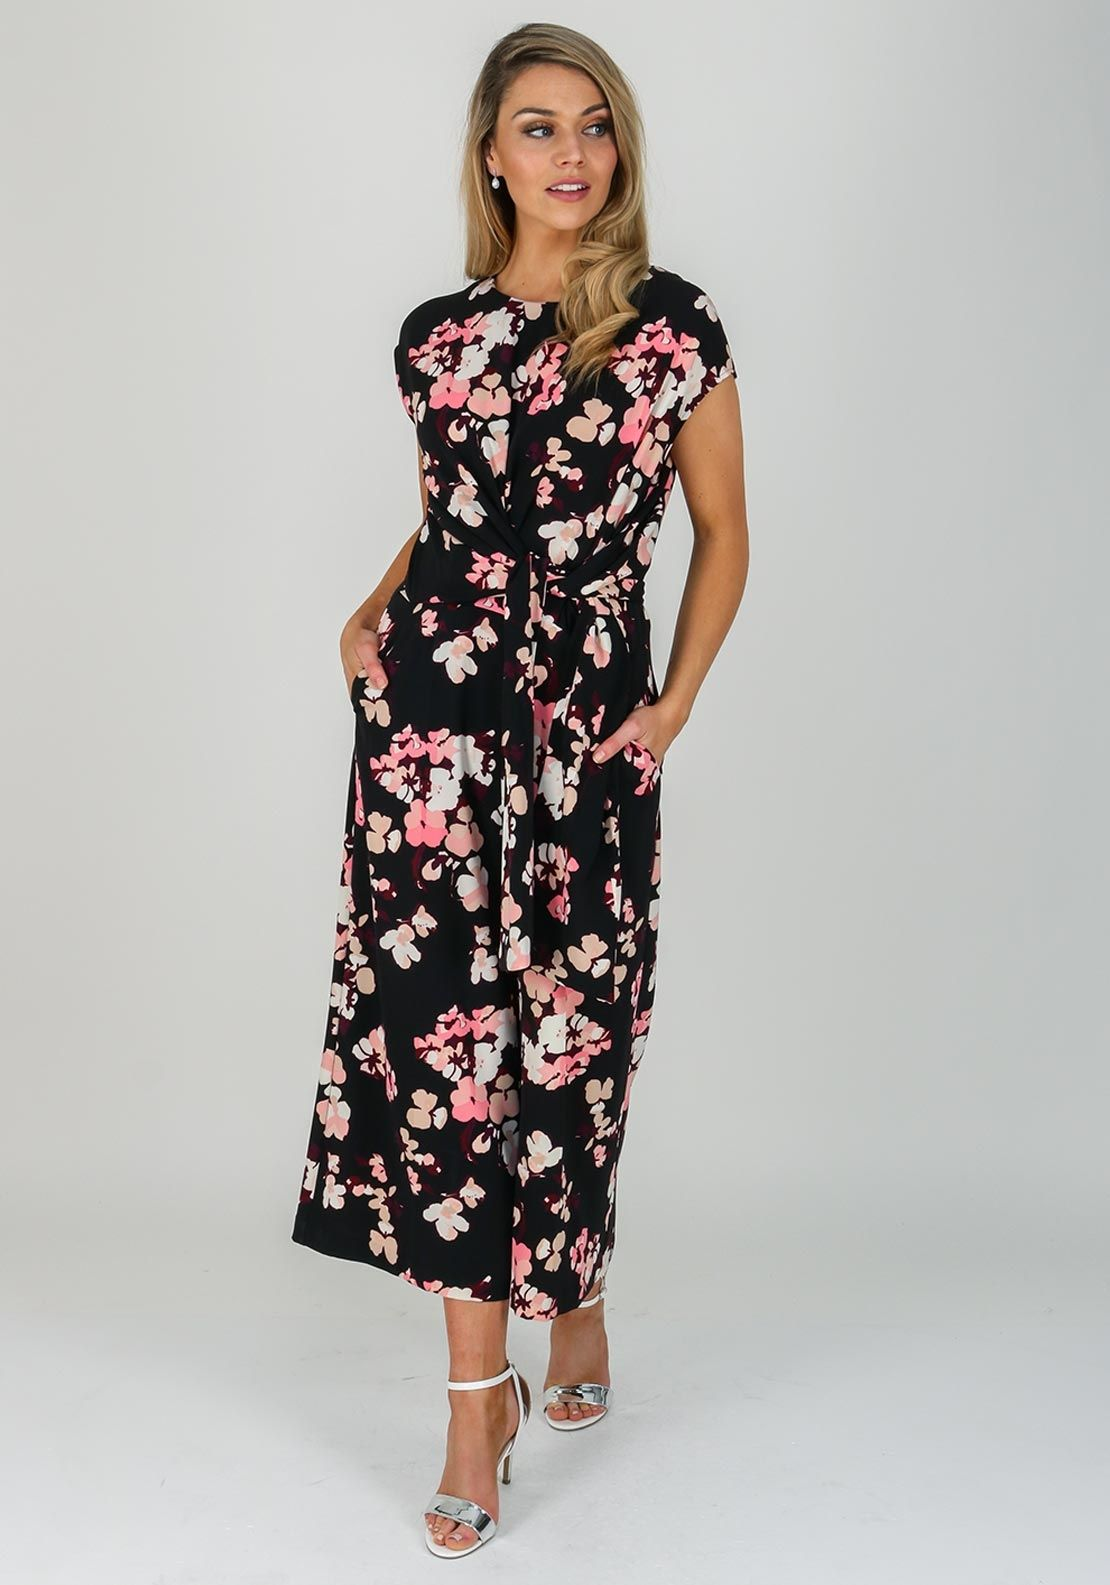 5f311f6b1b5 Inwear Zhen Floral Wide Leg Jumpsuit